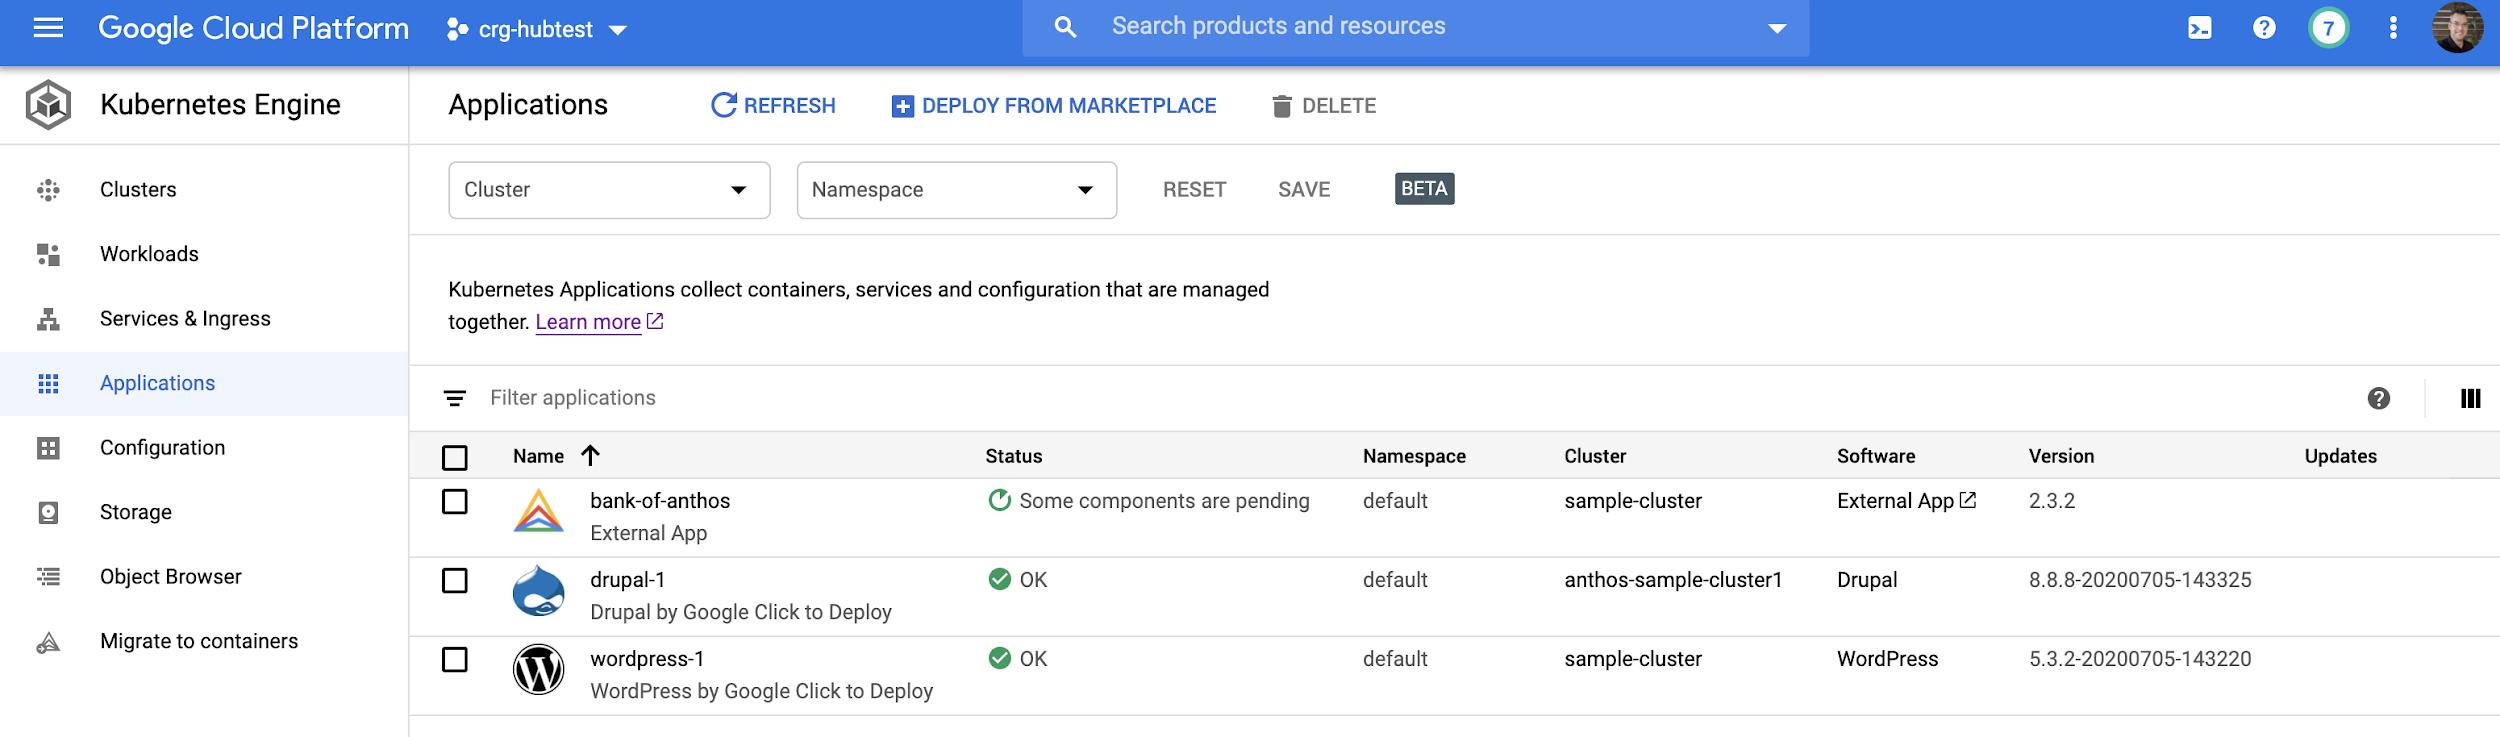 [アプリケーション] ページの一部。アプリケーションの一覧とさまざまなプロパティが表示されます。